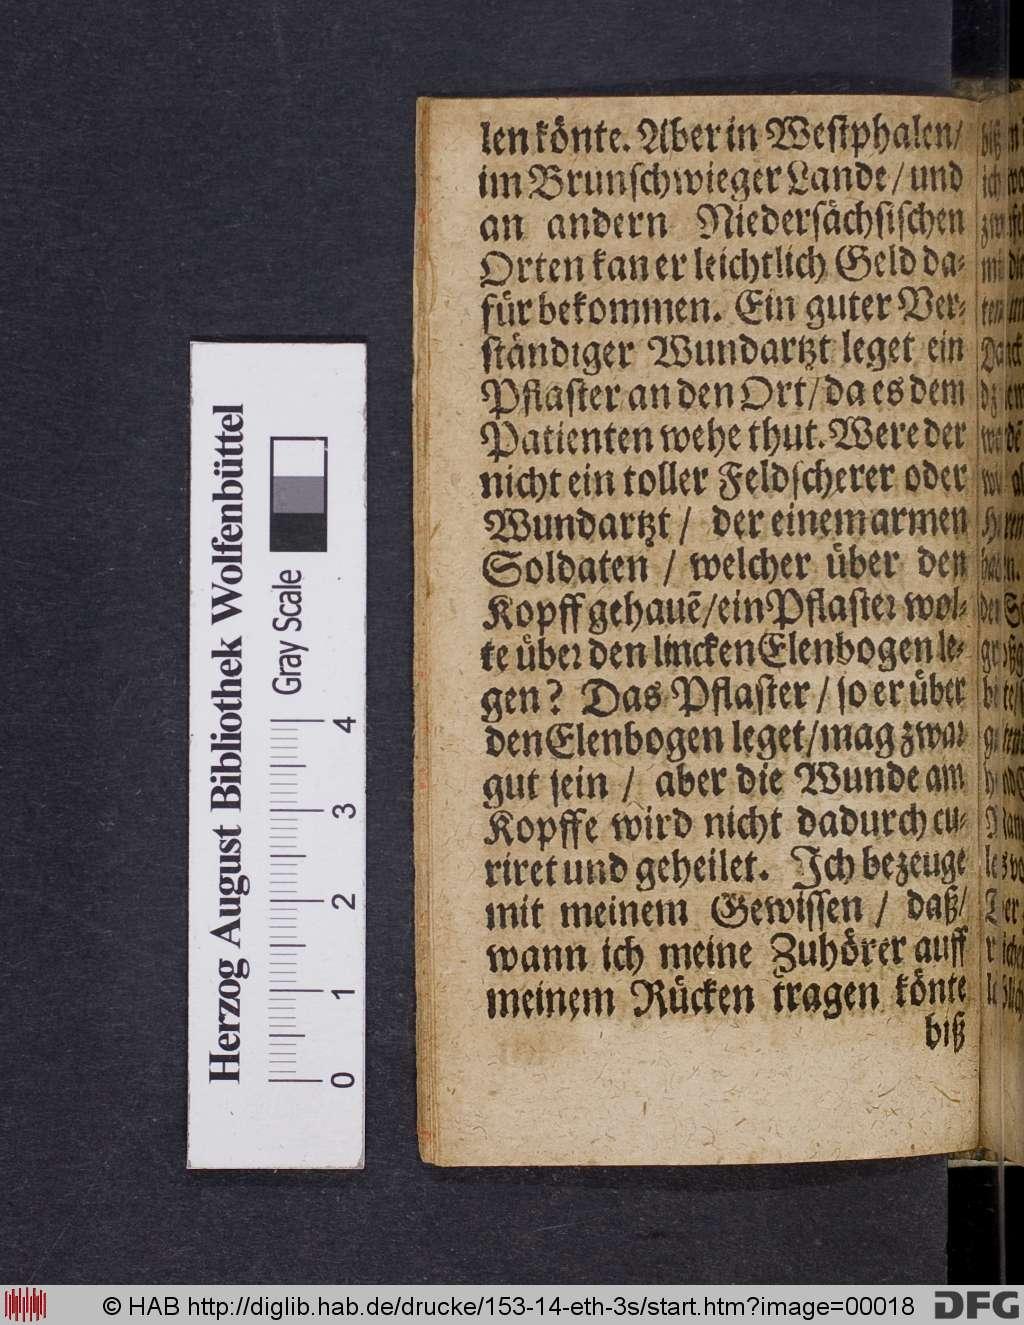 http://diglib.hab.de/drucke/153-14-eth-3s/00018.jpg